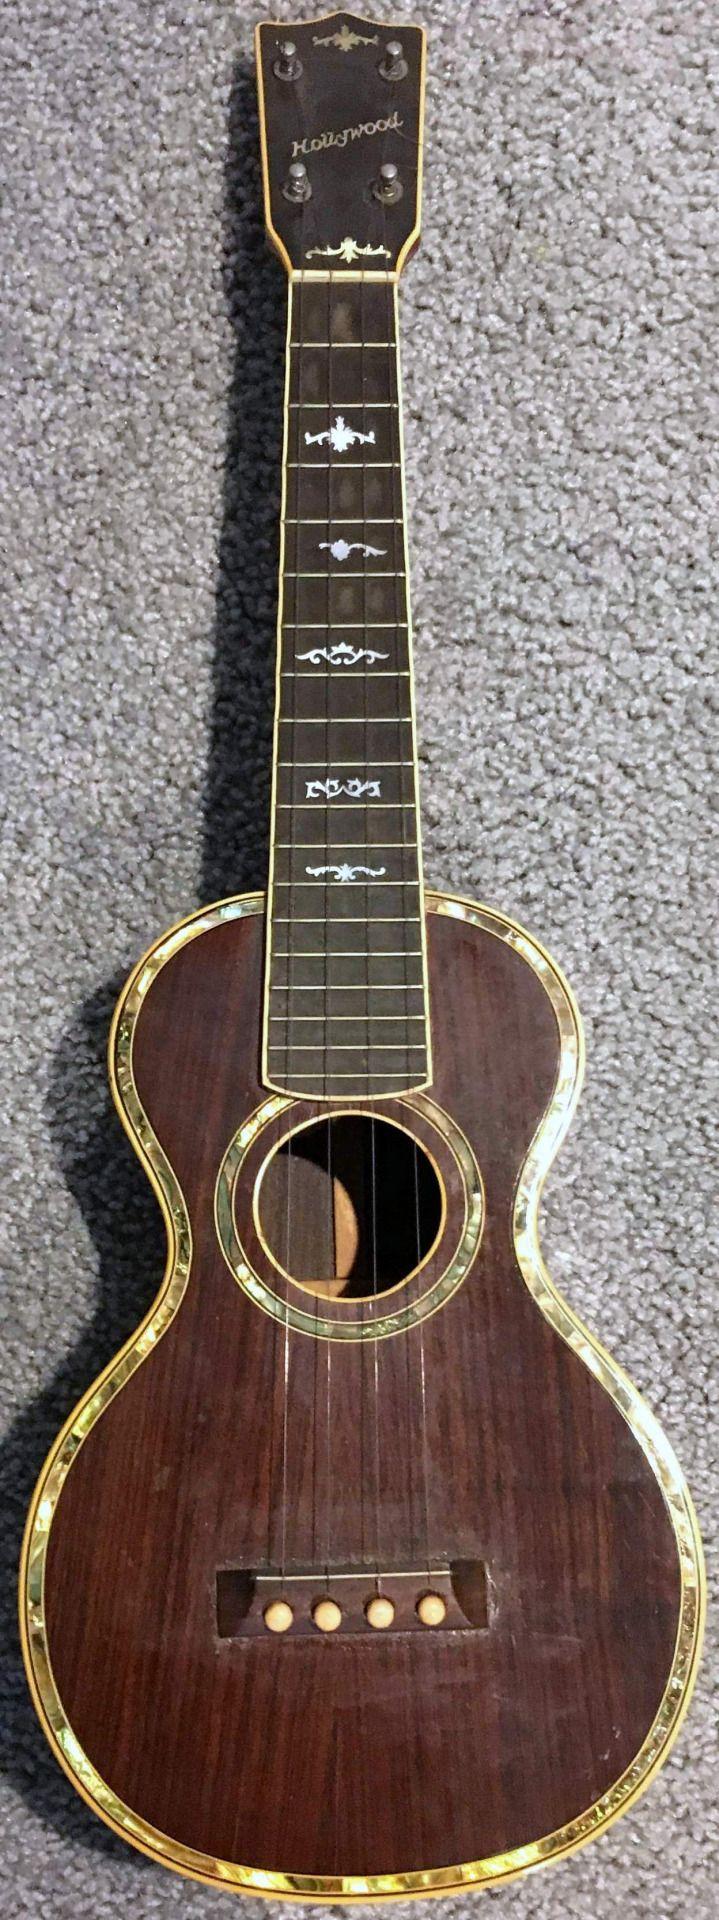 lardyfatboy Ukulele, Vintage ukulele, Ukulele songs